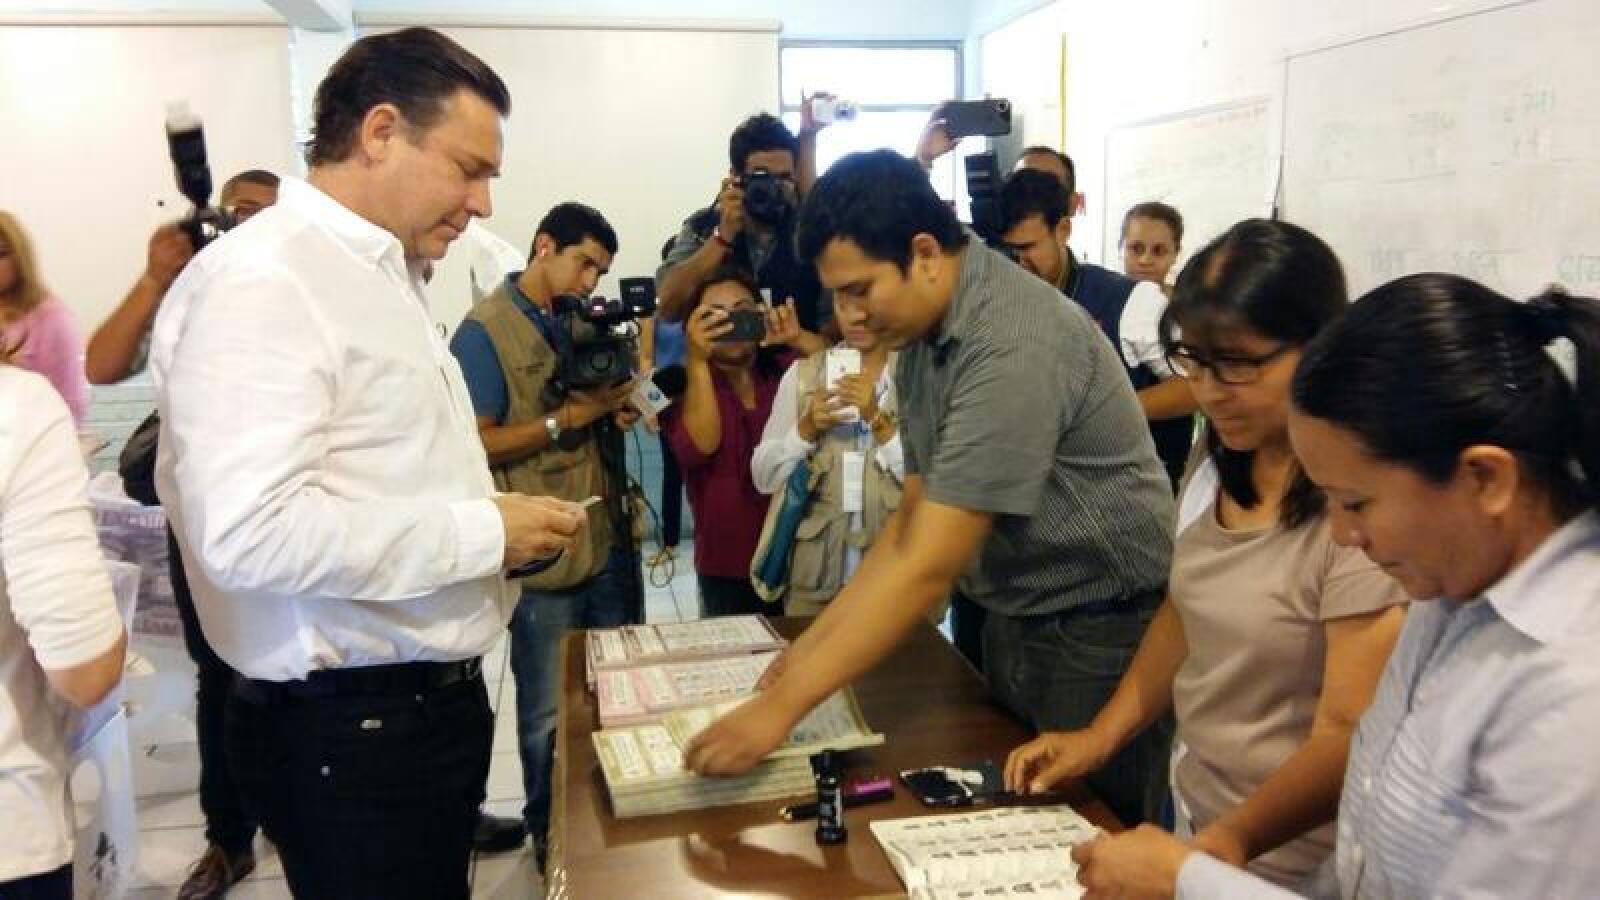 Eugenio Hernández, exgobernador de Tamaulipas, acudió a votar este domingo  e incluso reveló por quiénes favoreció con su voto. Hernández es requerido por la Administración para el Control de las Drogas (DEA) por supuestamente operar un sistema de lavado de dinero.